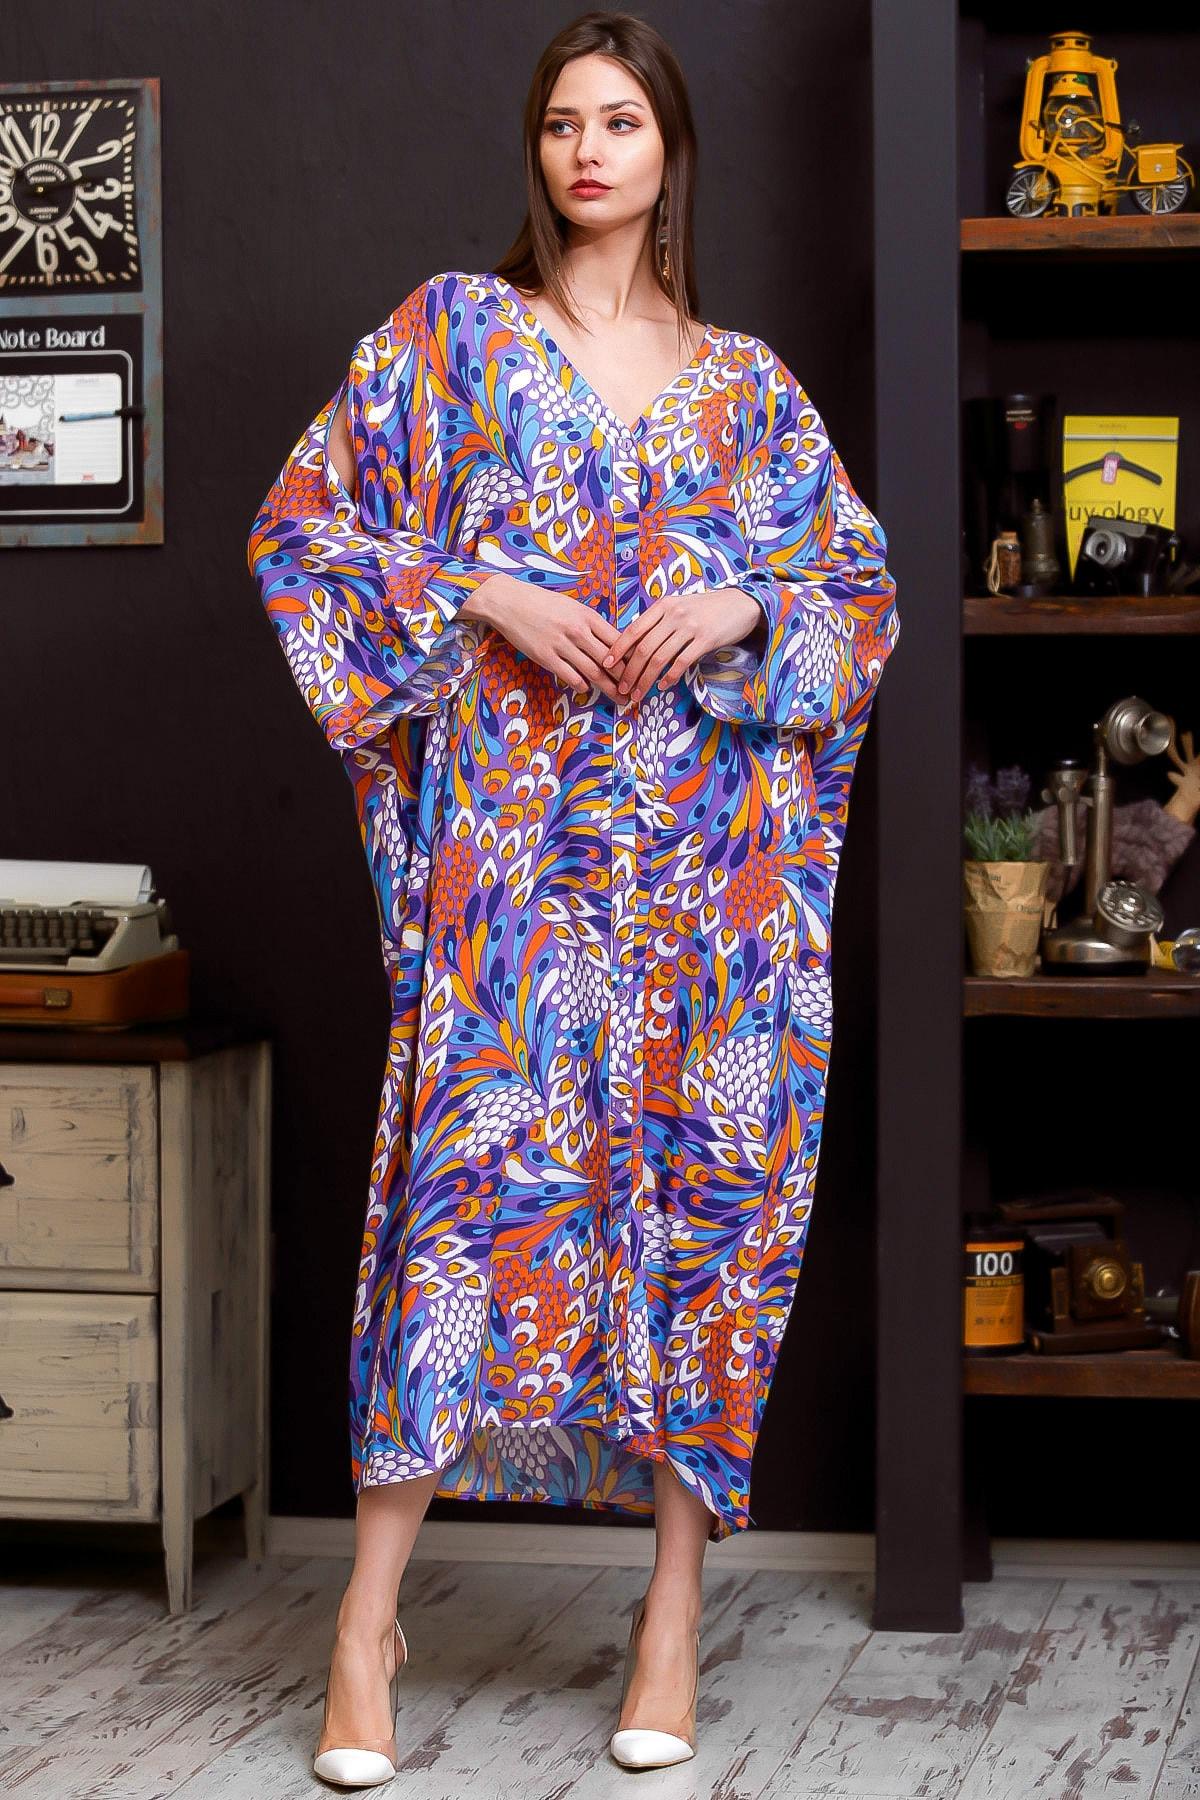 Chiccy Kadın Lila Tavus Kuşu Tüy Desenli Omuzları Pencereli Düğme Detaylı Salaş Uzun Dokuma Elbise